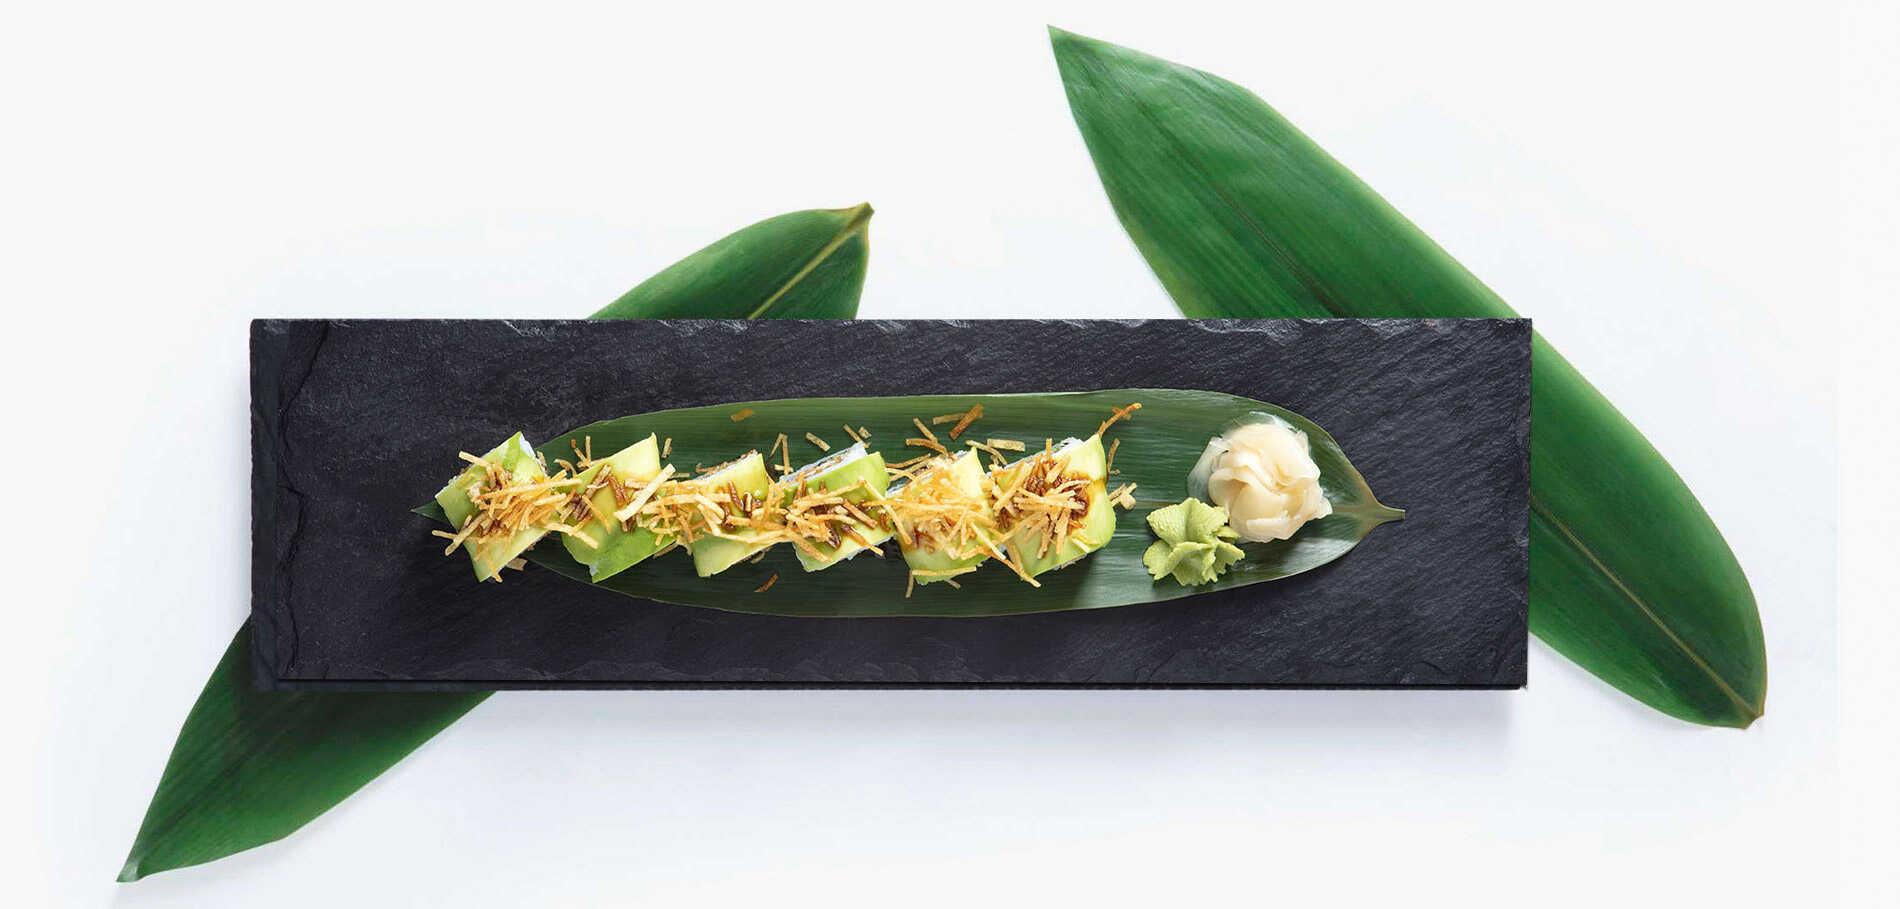 sushico menü fiyat listesi uzakdoğu restoranları kampanya ve şubeleri